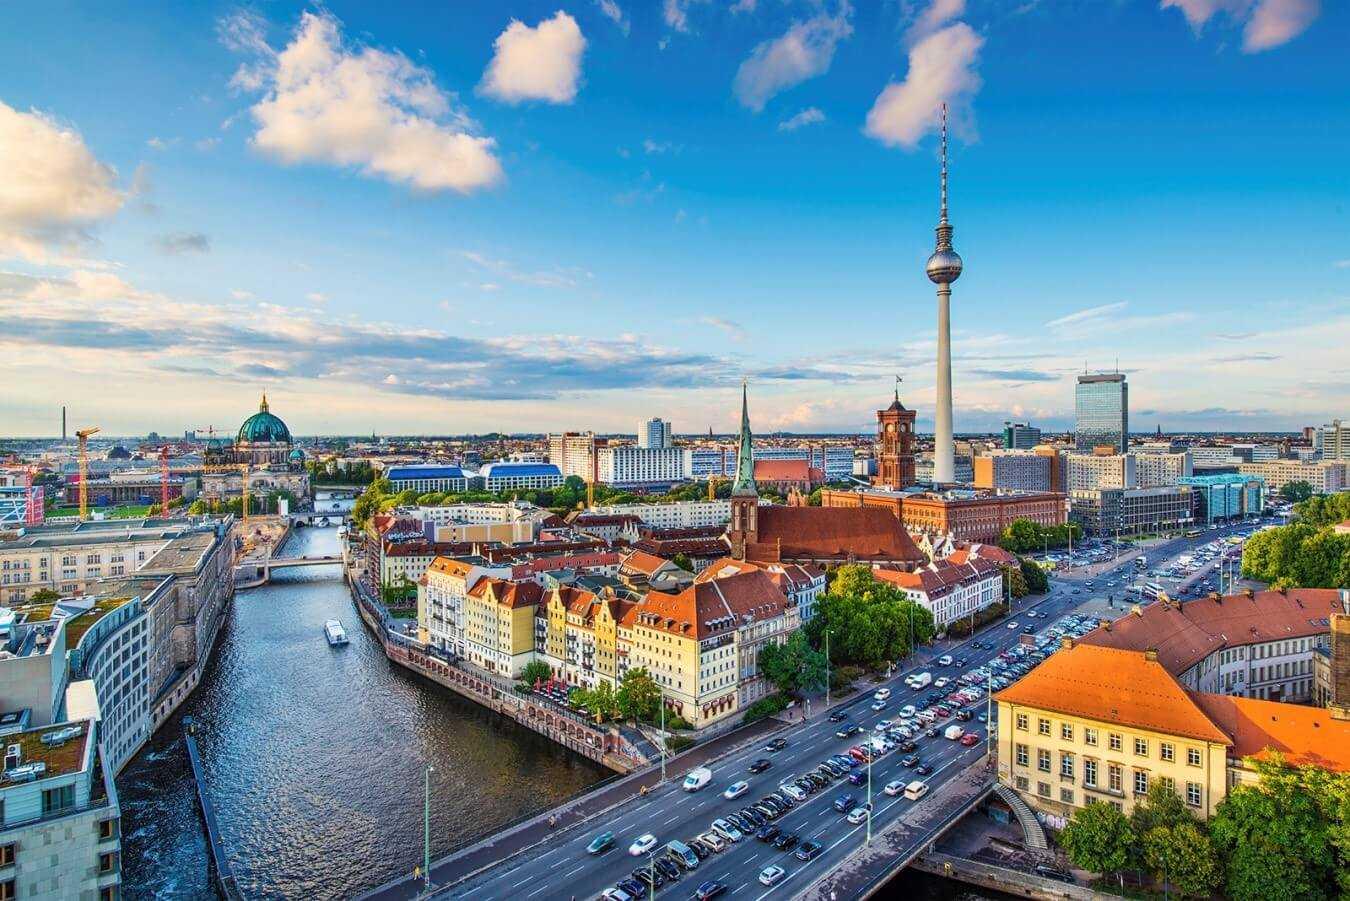 1 5 مدارک مورد نیاز جهت ثبت نام در دانشگاه های آلمان